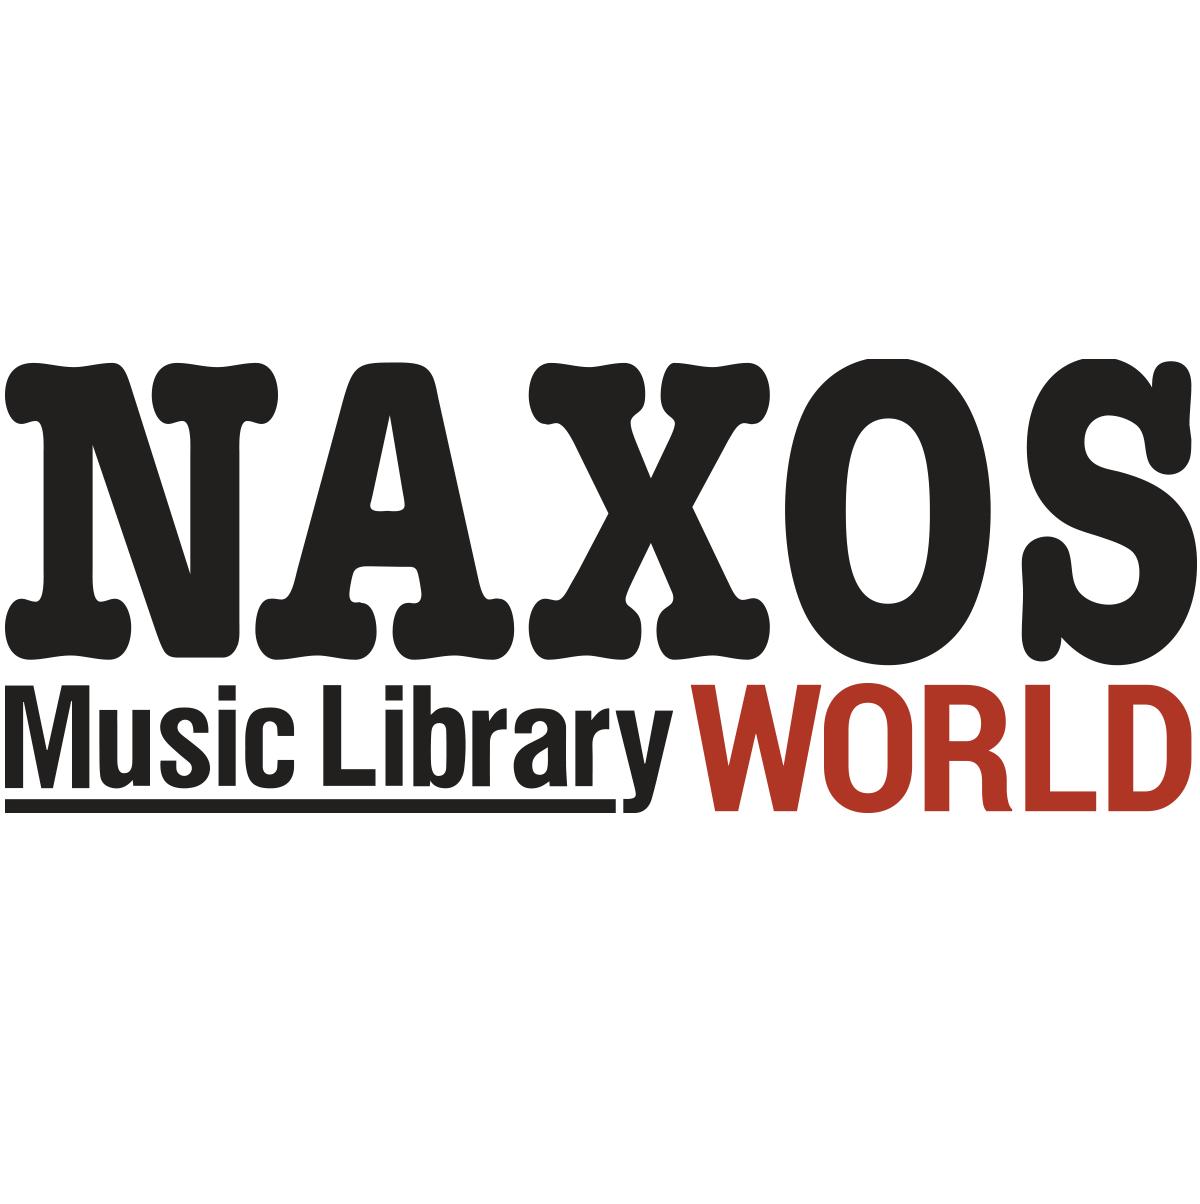 Kuvahaun tulos haulle Naxos Music Library World Music